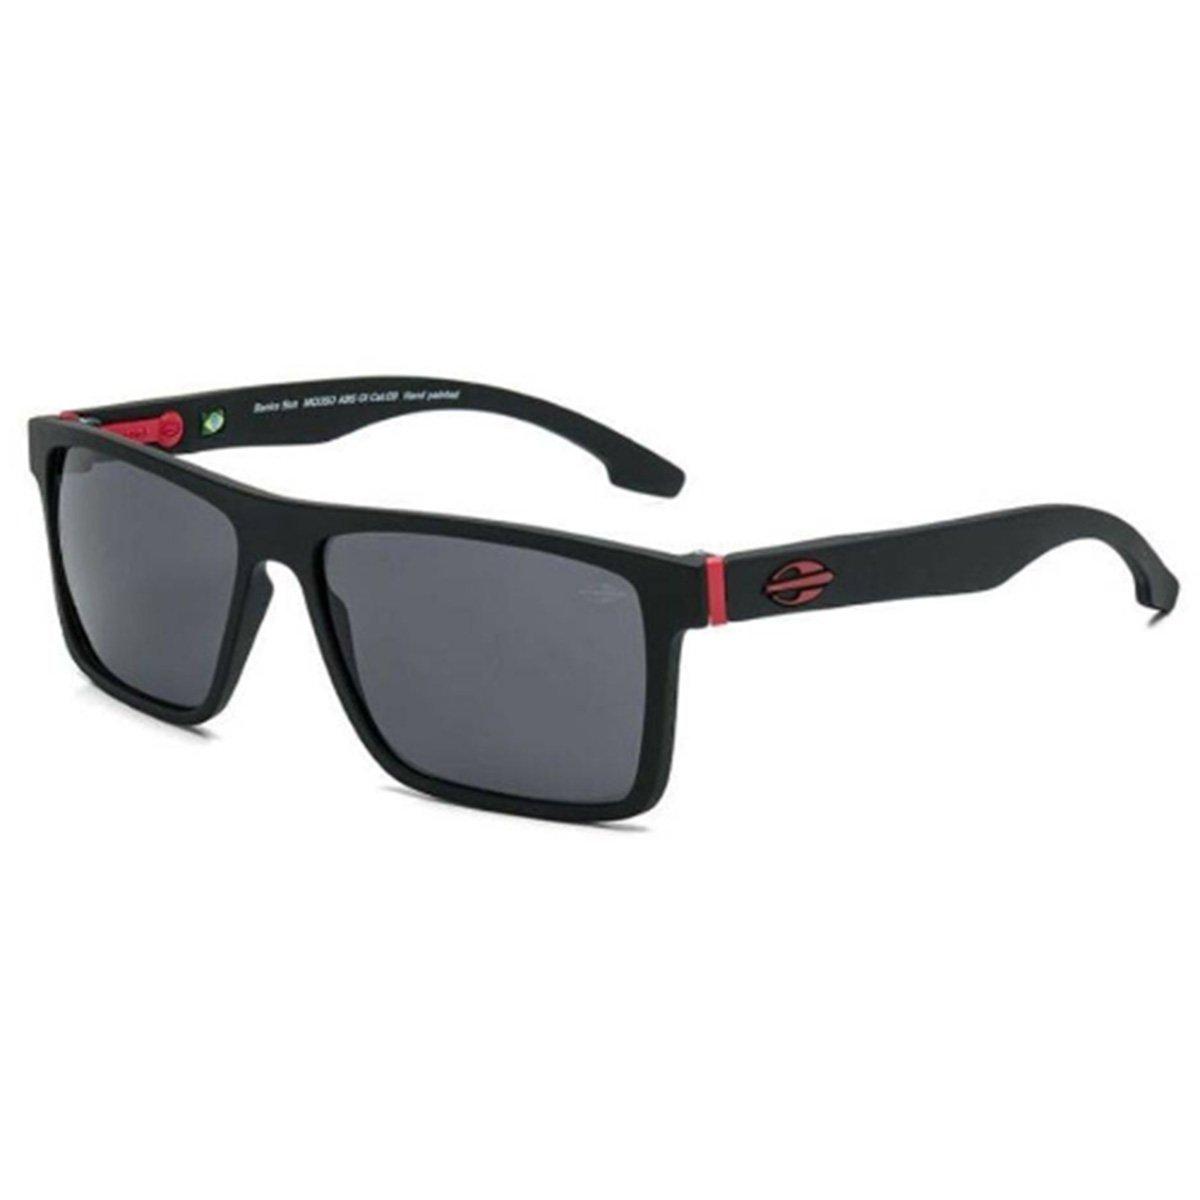 e3058f9e7e188 Compre Óculos de Sol Mormaii Banks Sun em 10X   Tri-Jóia Shop